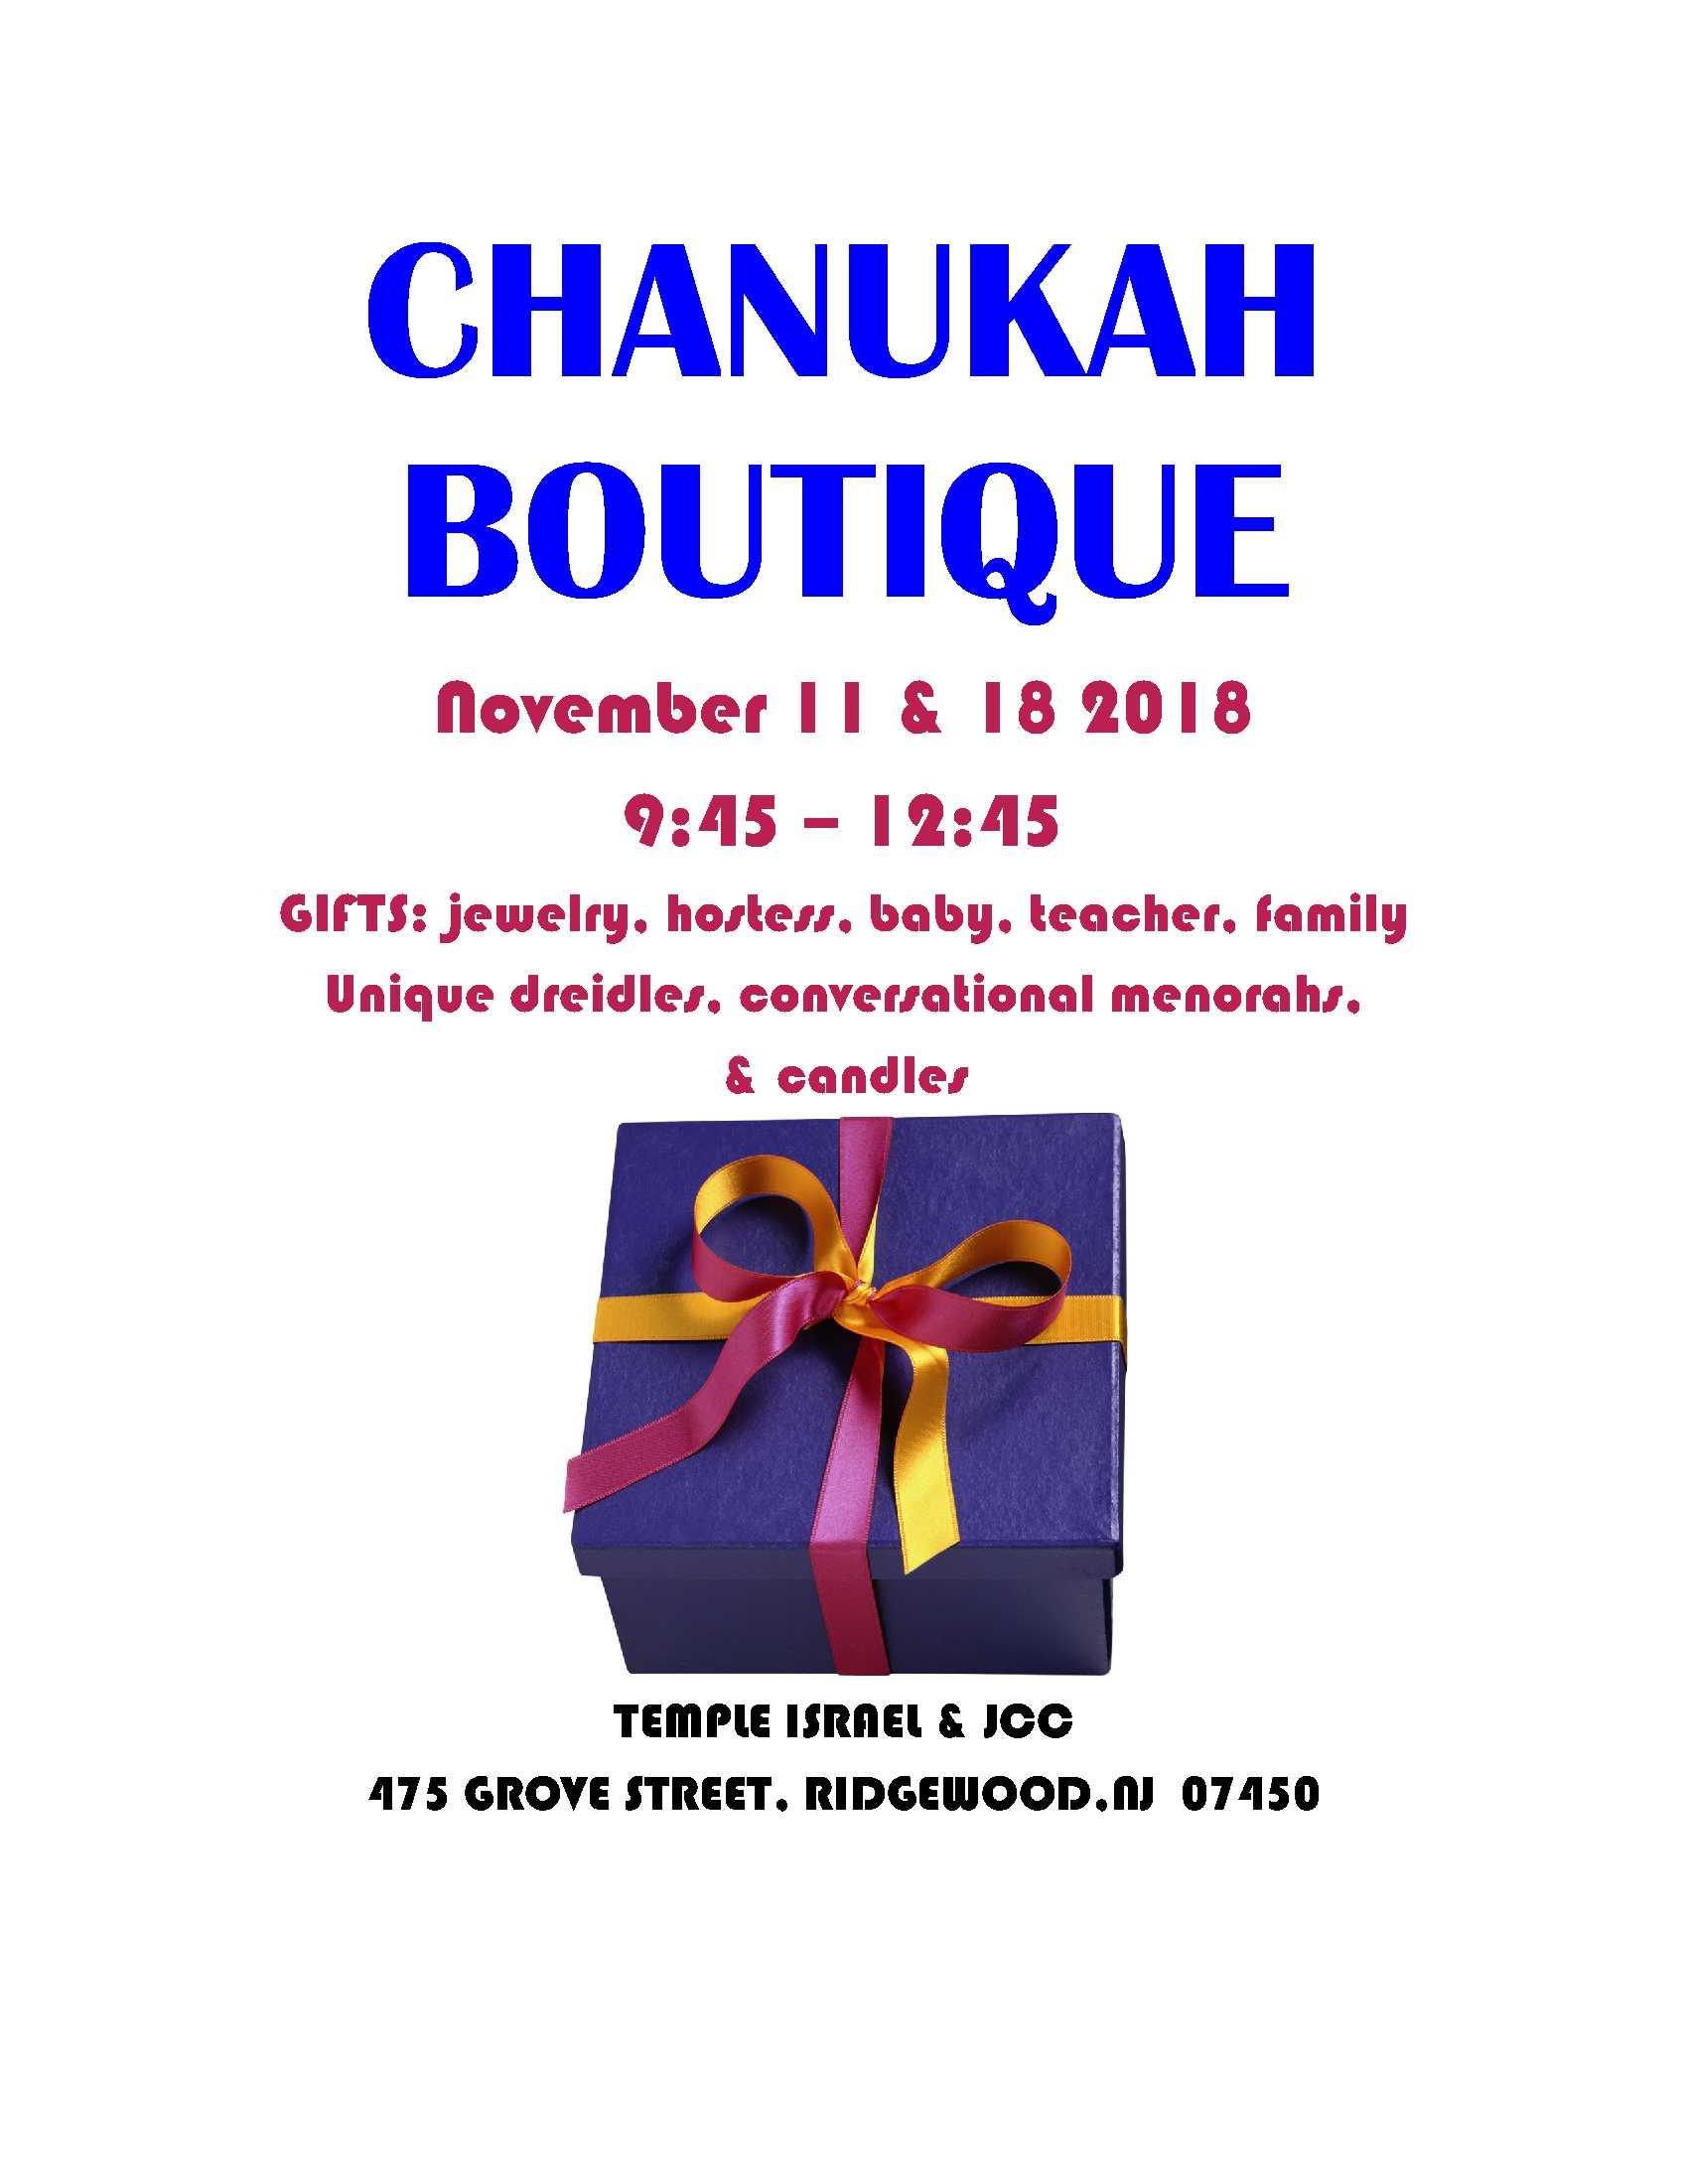 Chanukah boutique sale